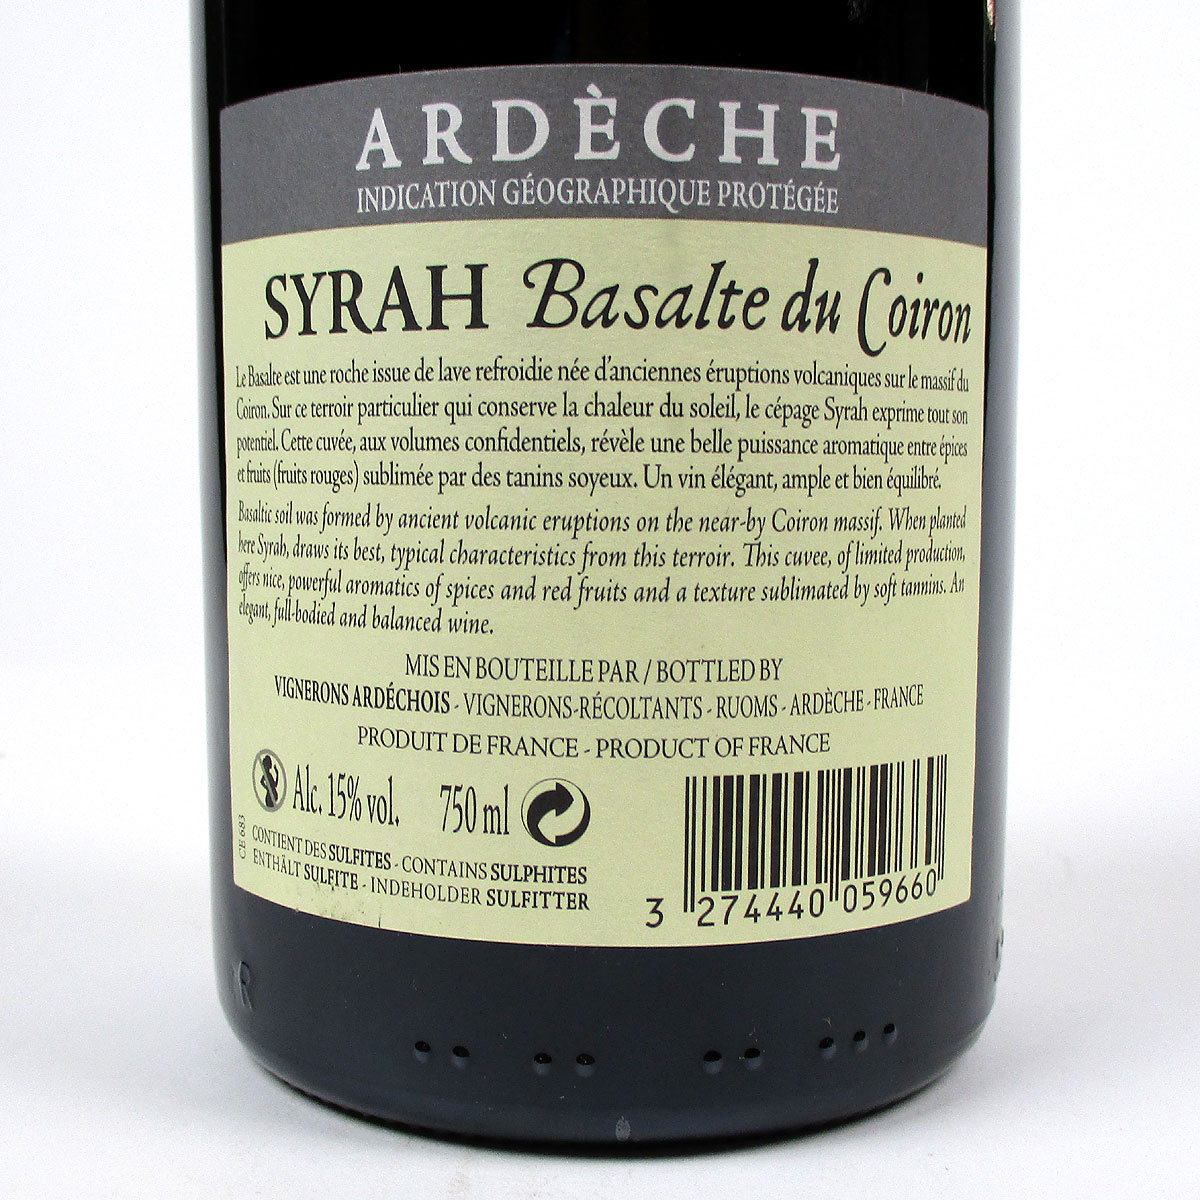 IGP Ardèche: Vignerons Ardéchois Syrah 'Basalte du Coiron' 2019 - Bottle Rear Label